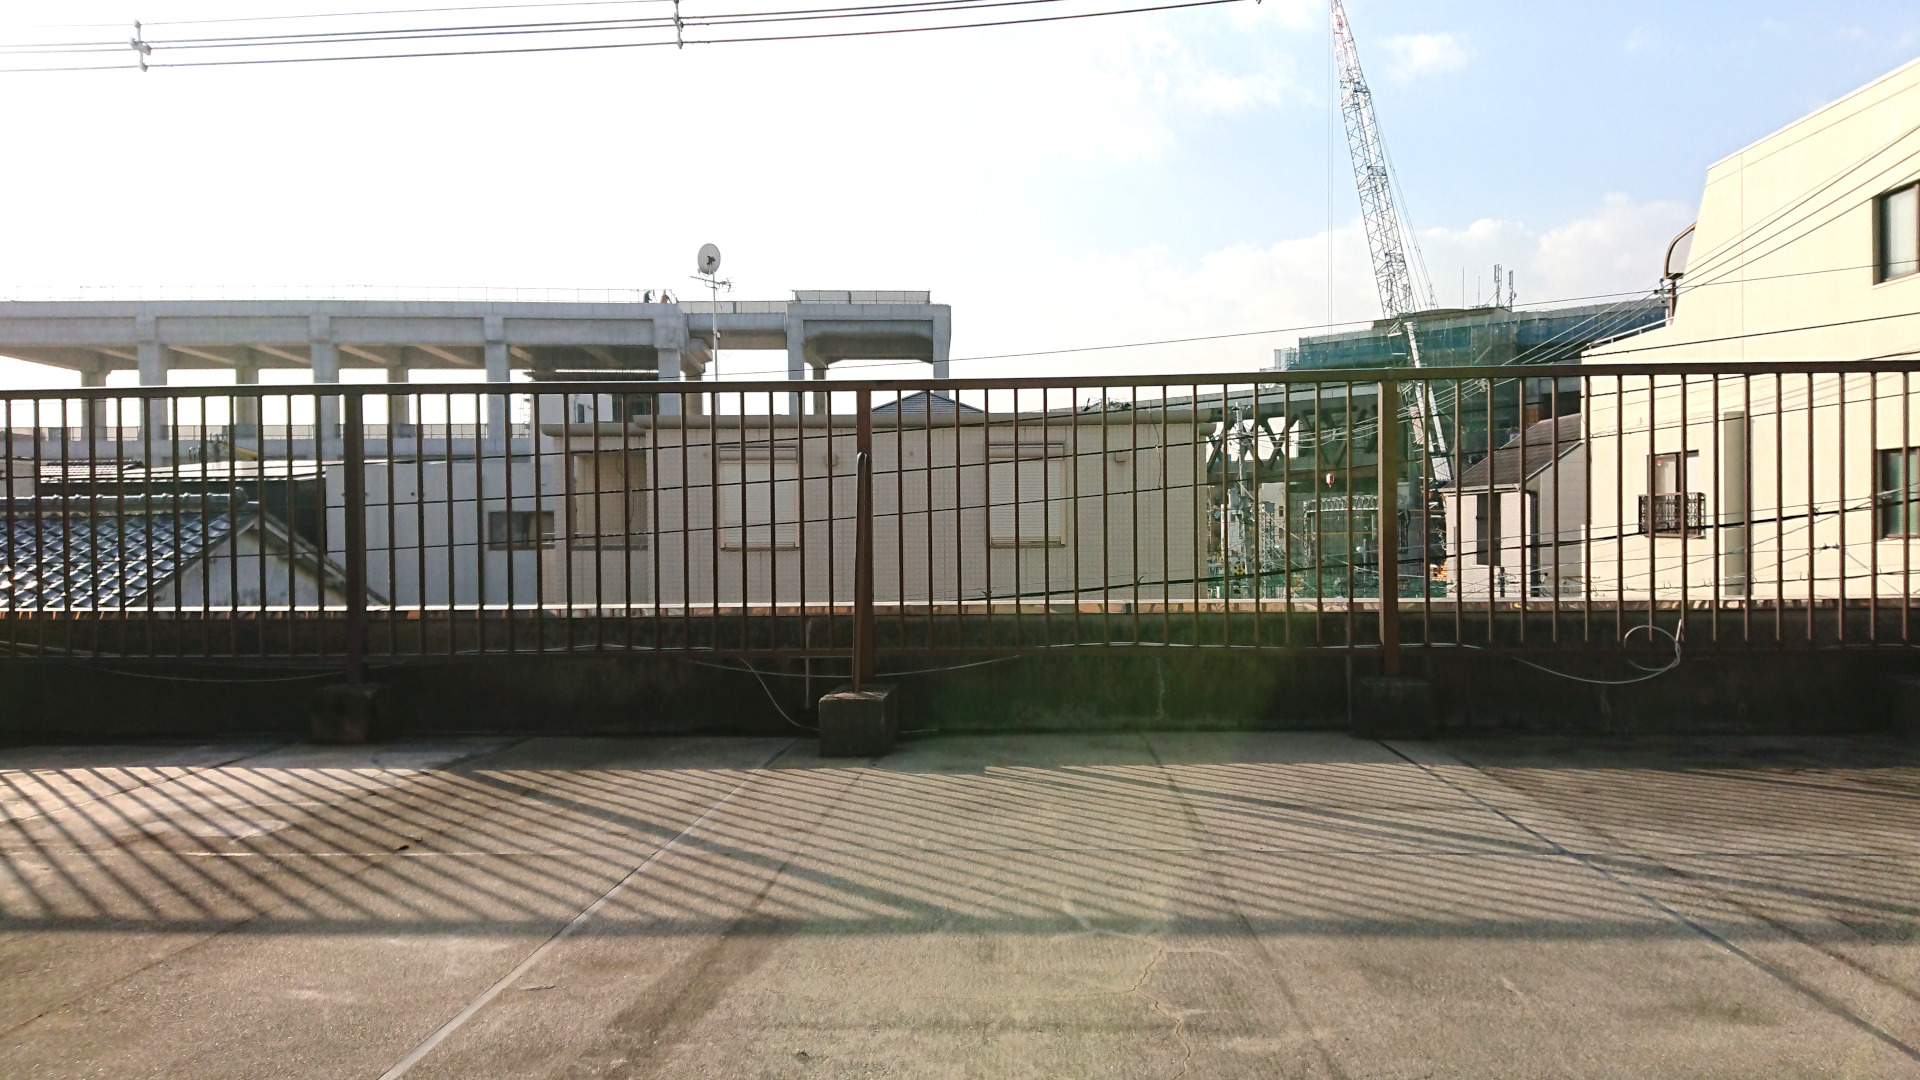 淡路駅のシェアオフィス・レンタルオフィス・コワーキングスペース淡路駅前ラボ屋上テラス